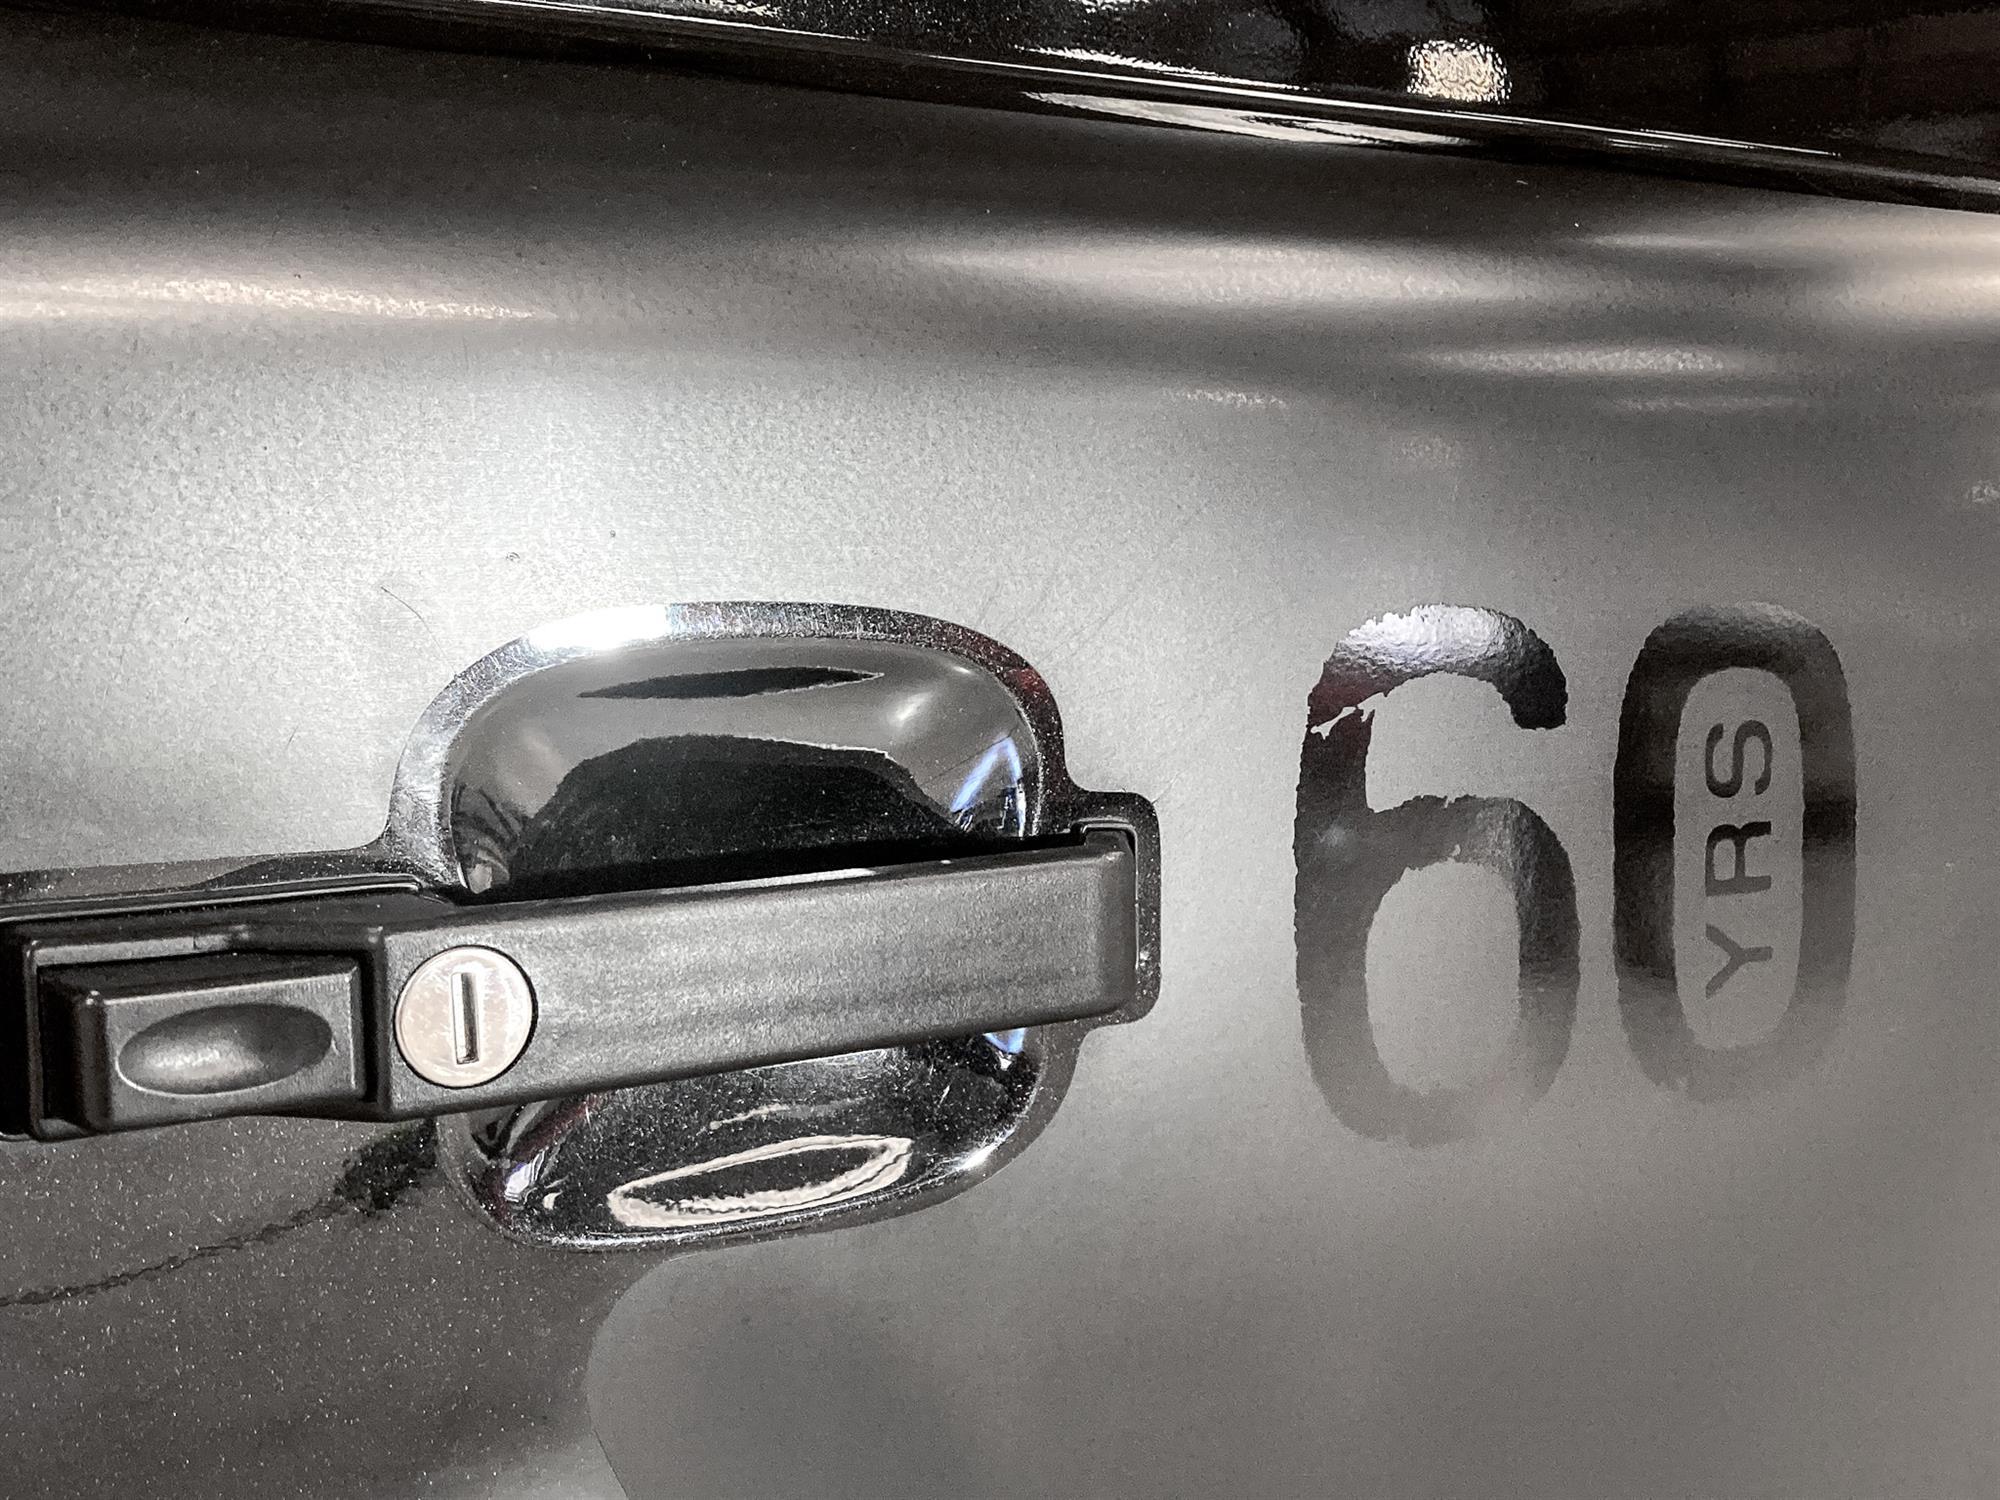 2008 Land Rover Defender 90 SVX - Image 2 of 13